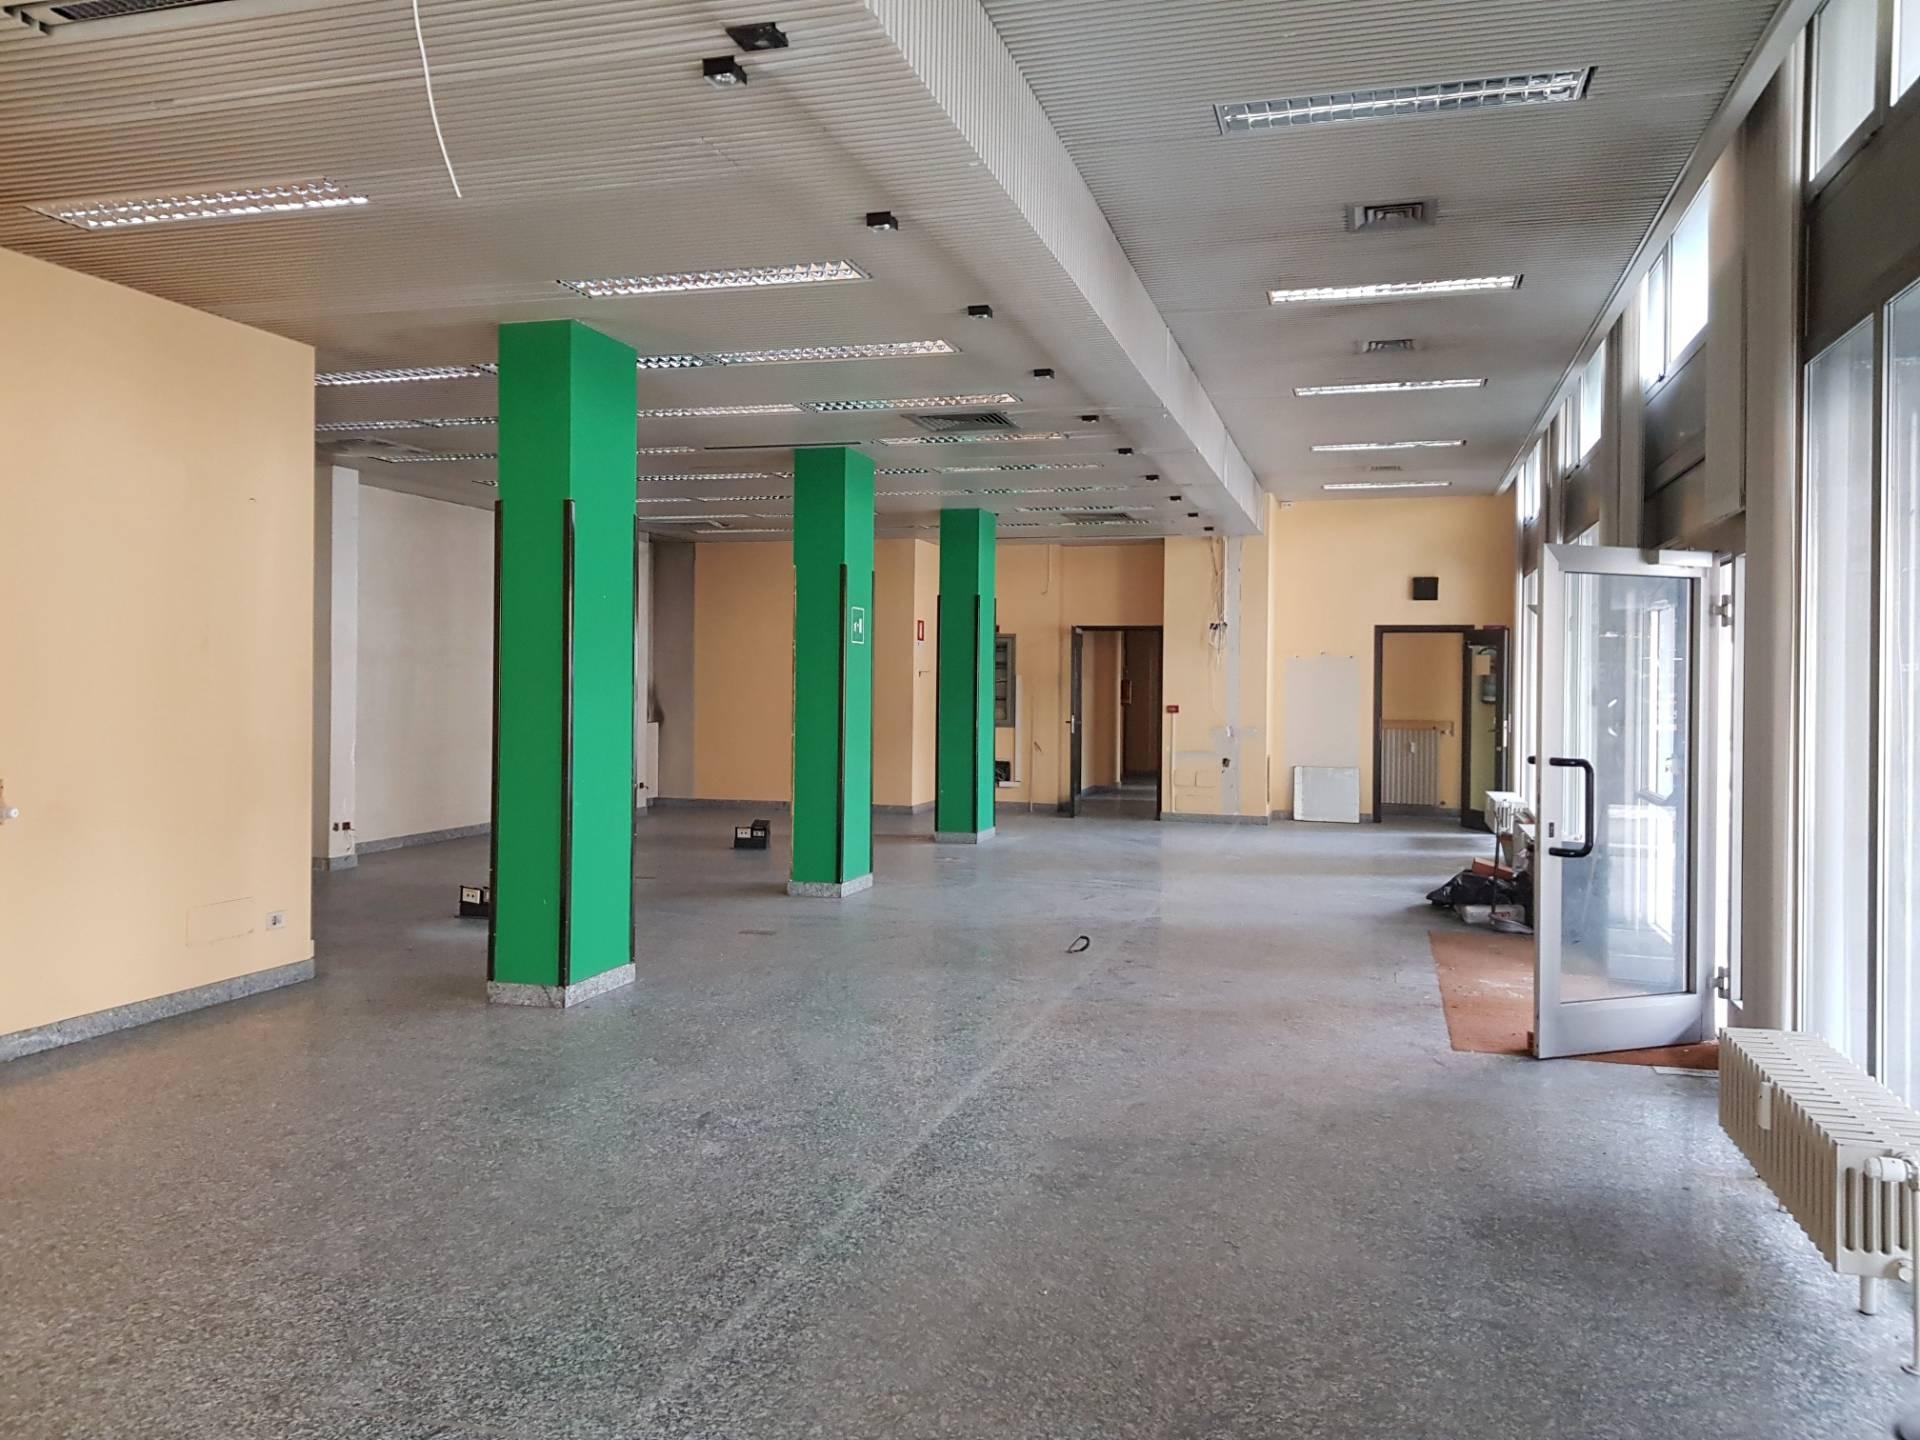 Negozio / Locale in vendita a Busto Arsizio, 9999 locali, zona Località: Tribunale, prezzo € 300.000 | PortaleAgenzieImmobiliari.it